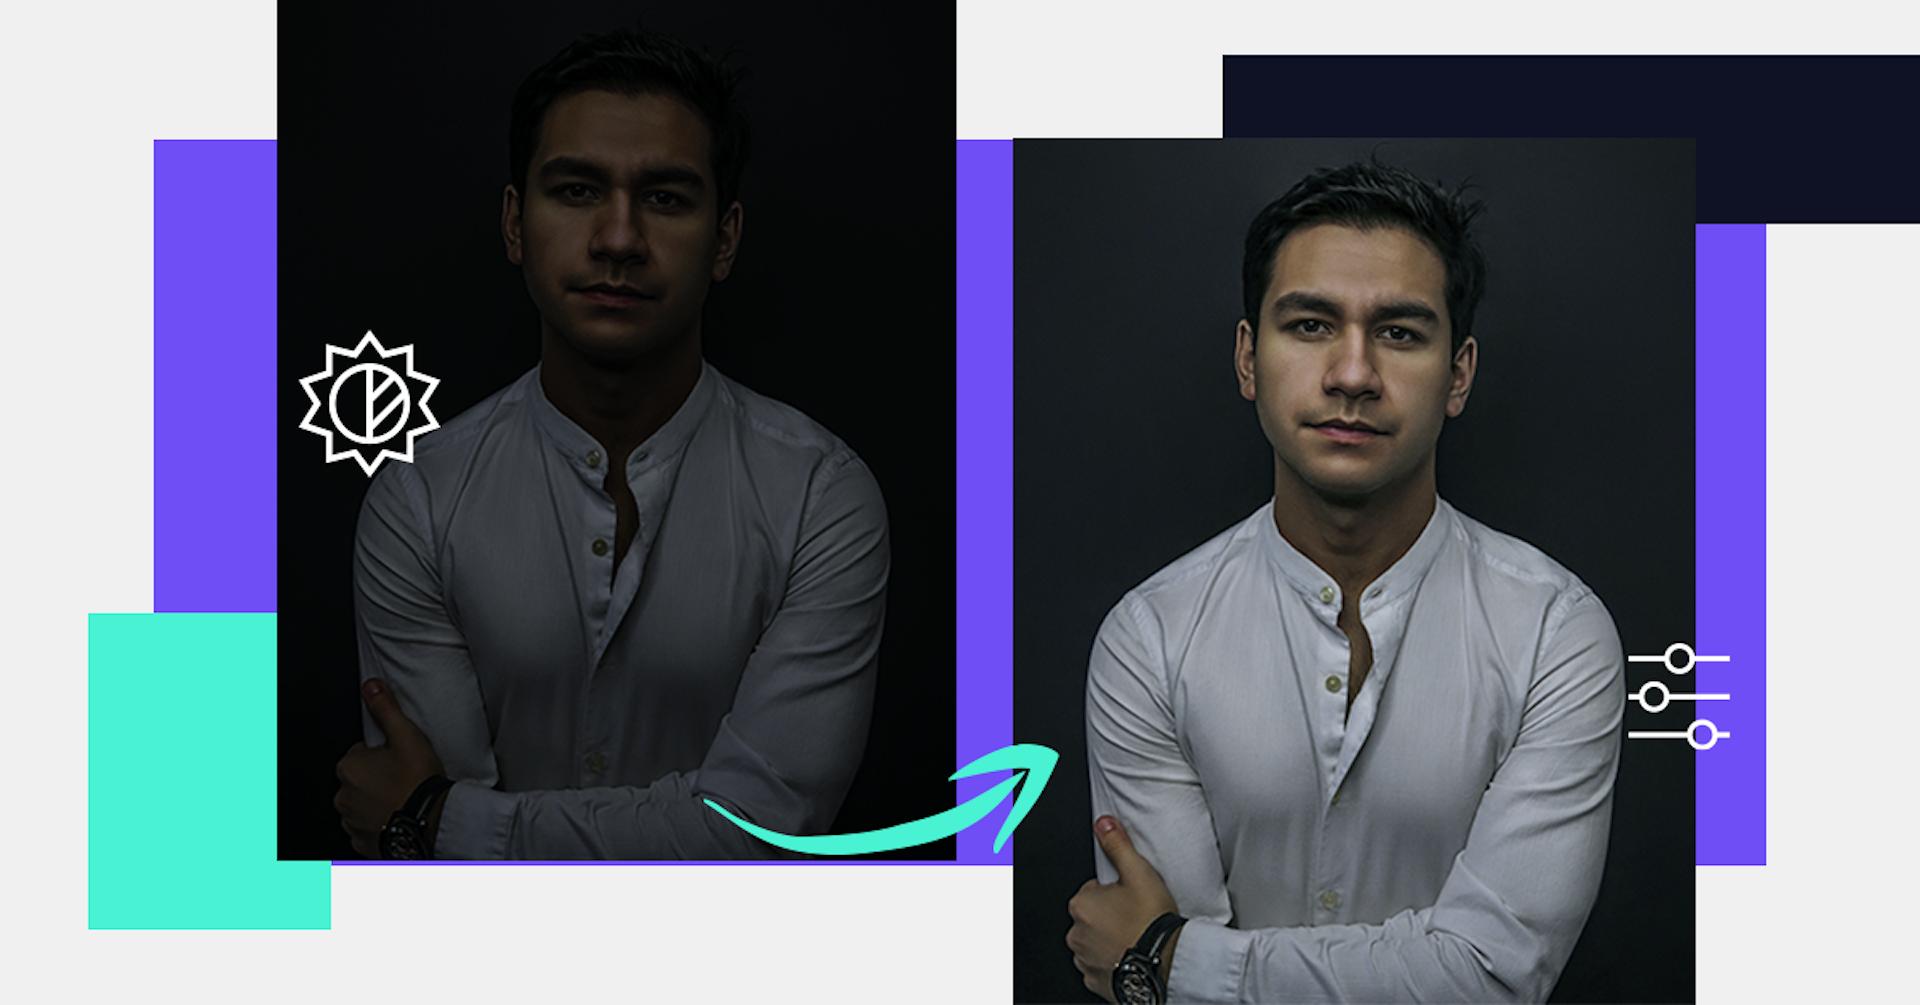 ¿Cómo aclarar una foto oscura? Conoce todas las herramientas que mejorarán tus fotos favoritas